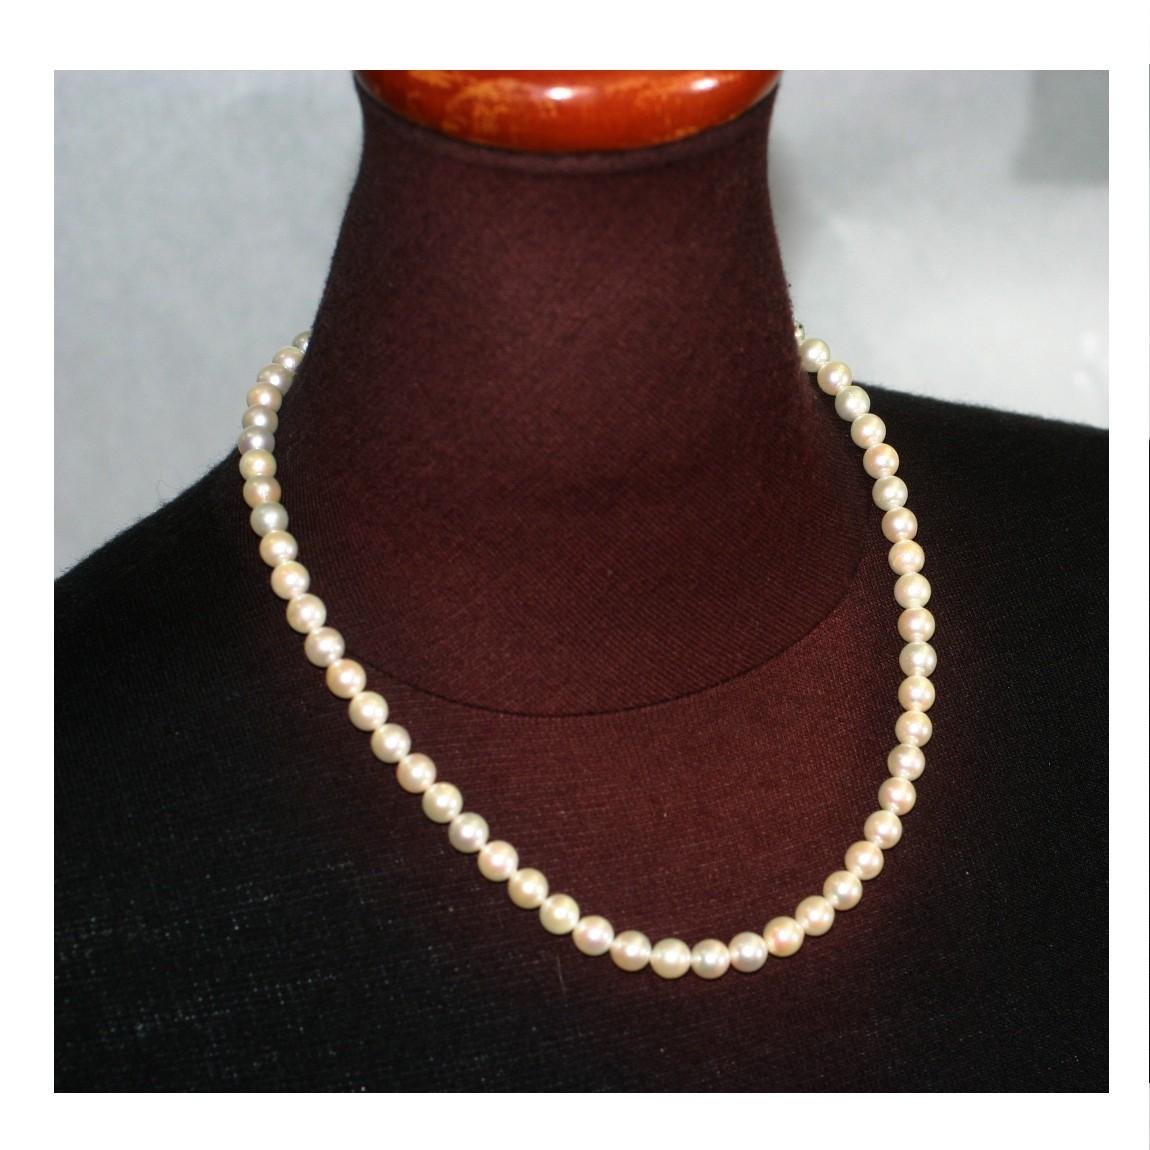 中古 綺麗本真珠の6 5mm玉全長42cmのパールネックレス ○B13-58-1 売却 完全送料無料